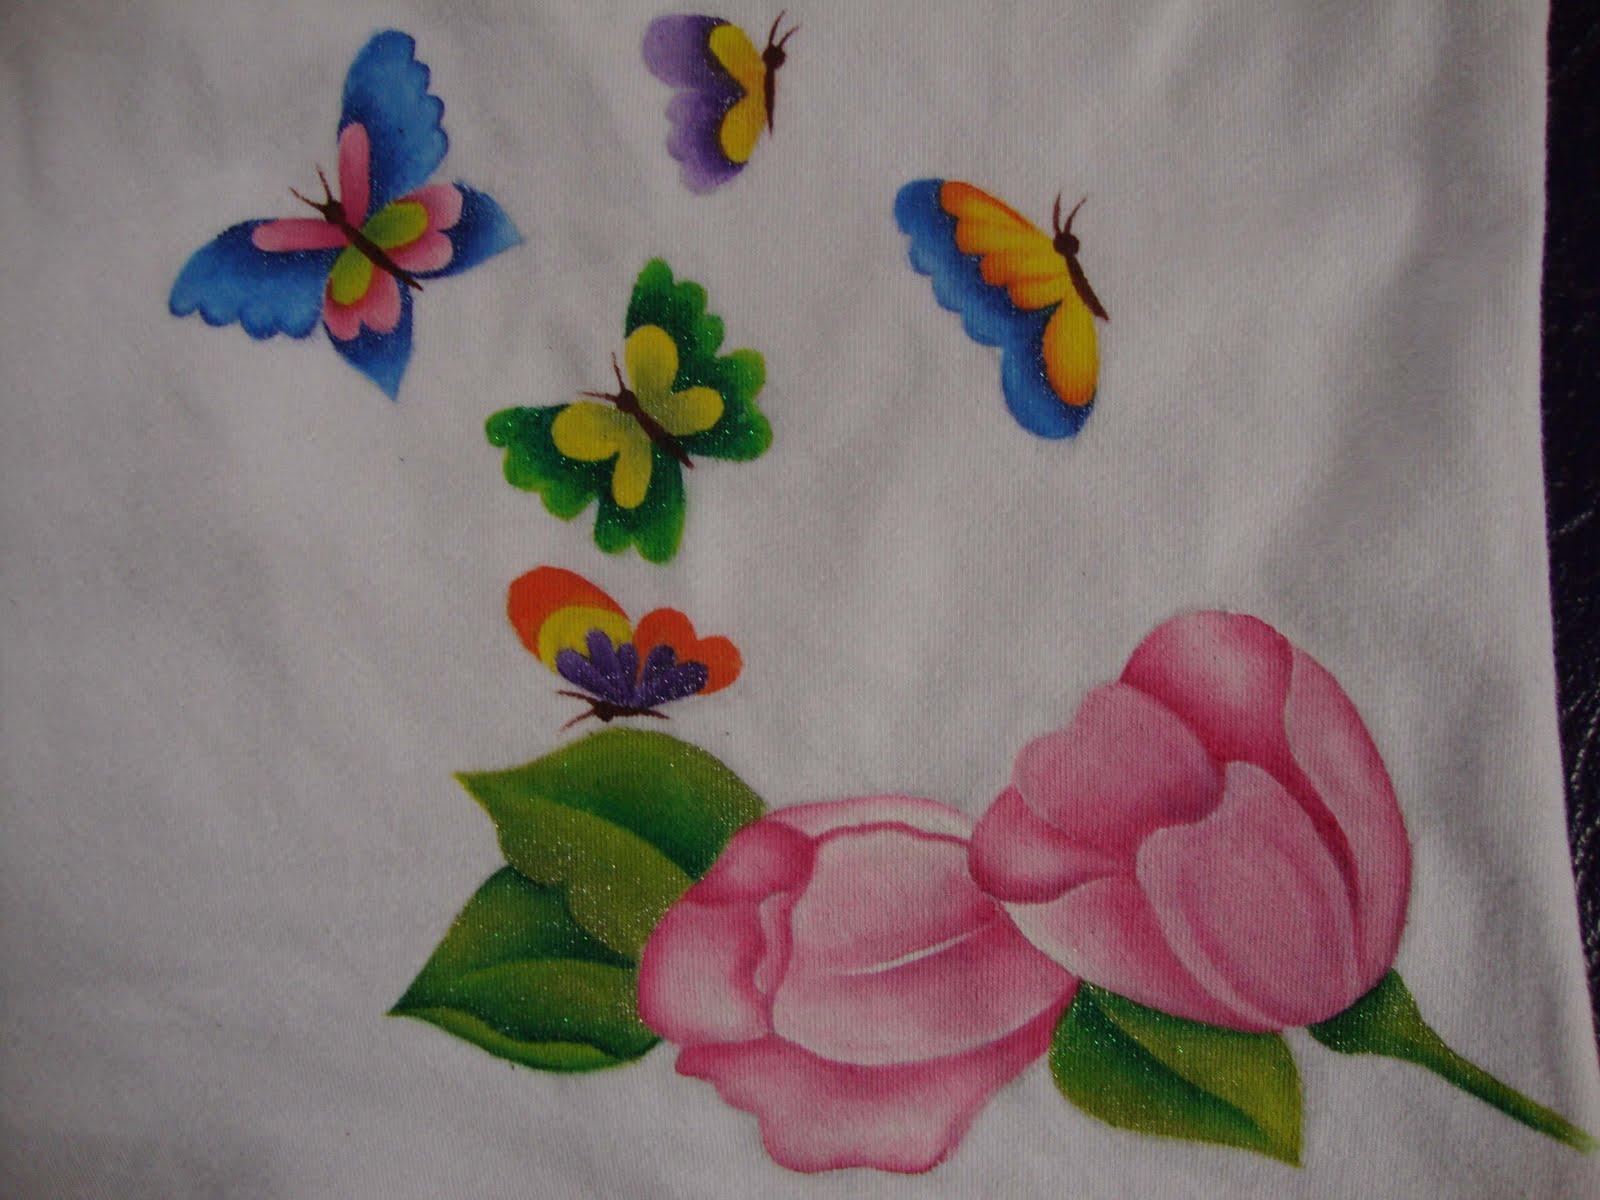 Creaciones lay blusas pintadas a mano - Como pintar telas a mano ...